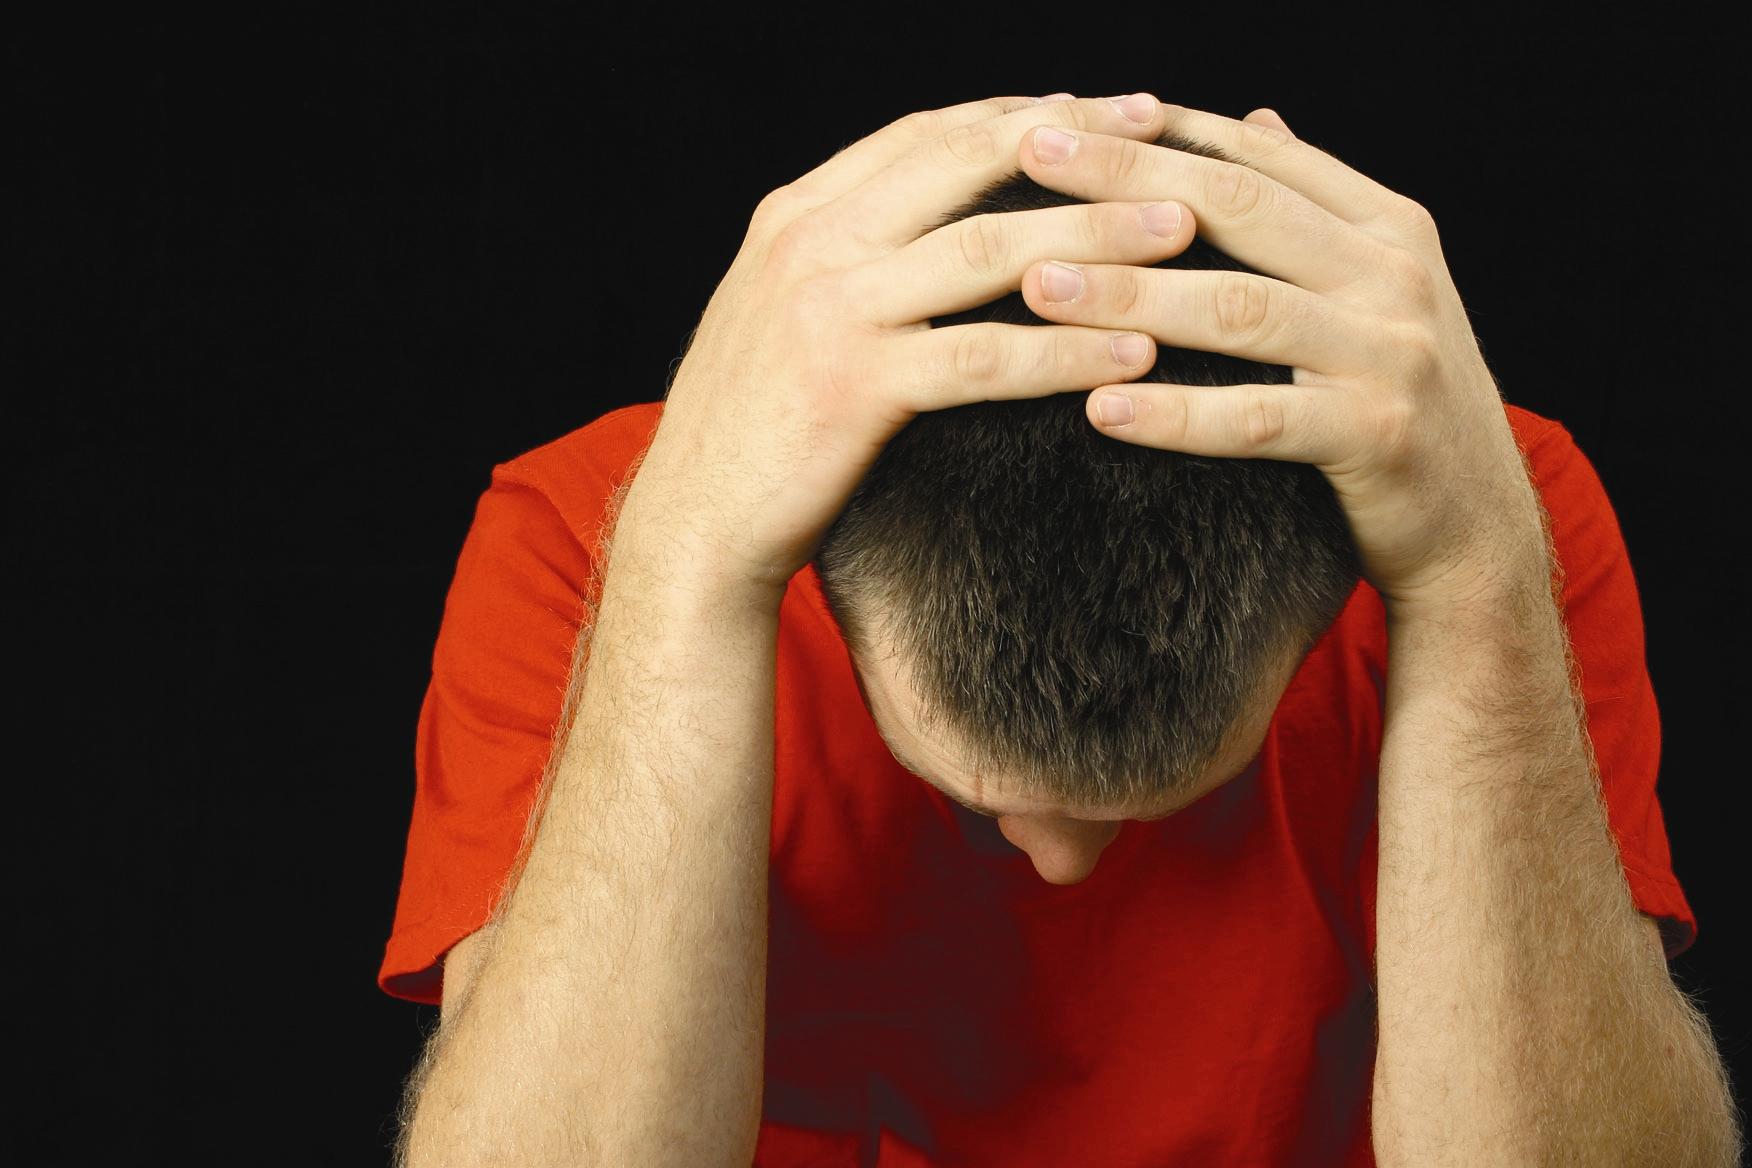 مرفهها بیشتر به افسردگی مبتلا میشوند